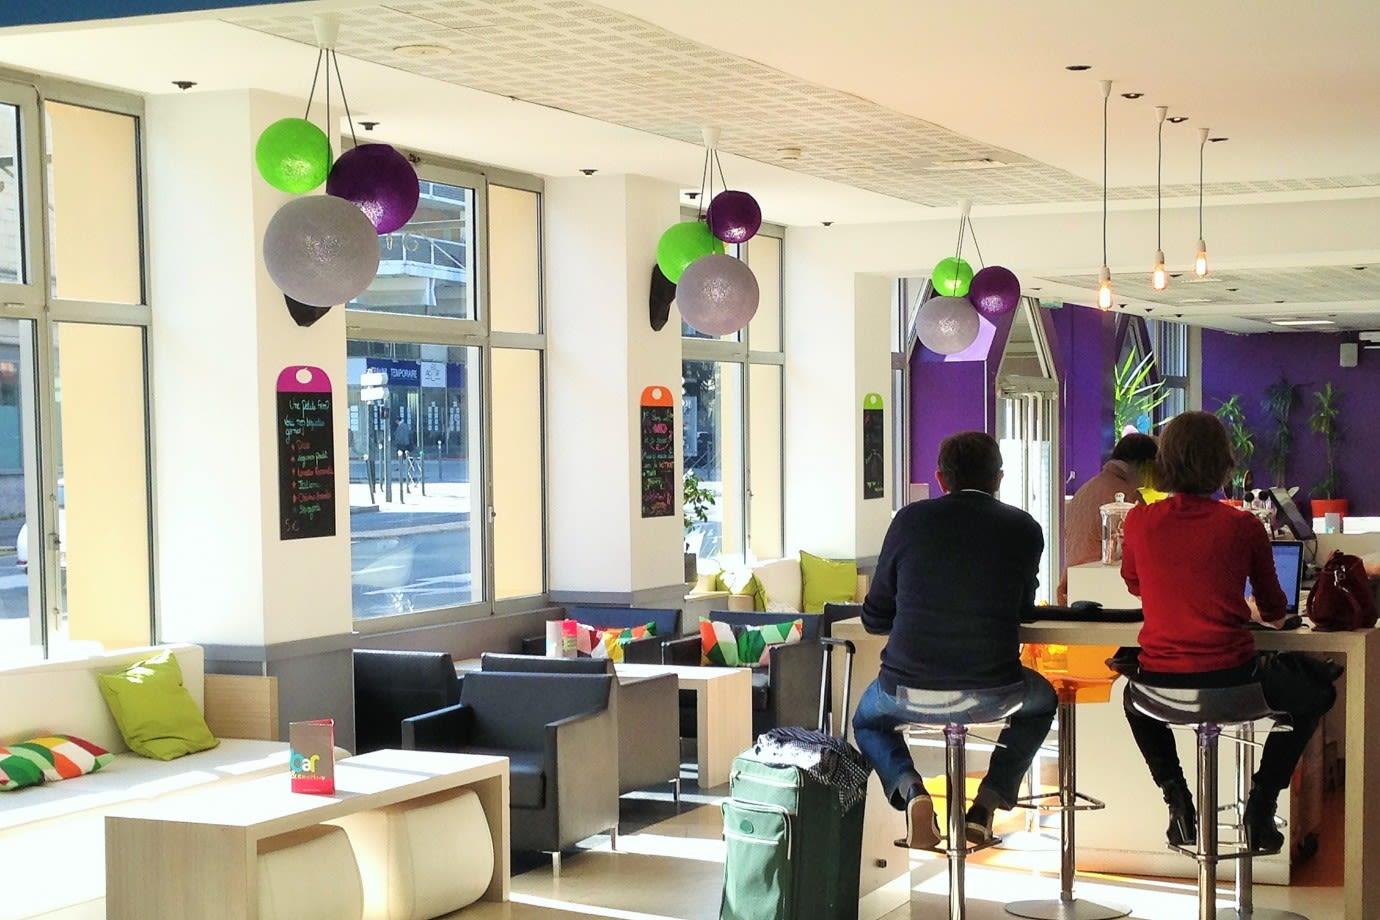 espace partagé d'une capacité de 10 personnes à Lille